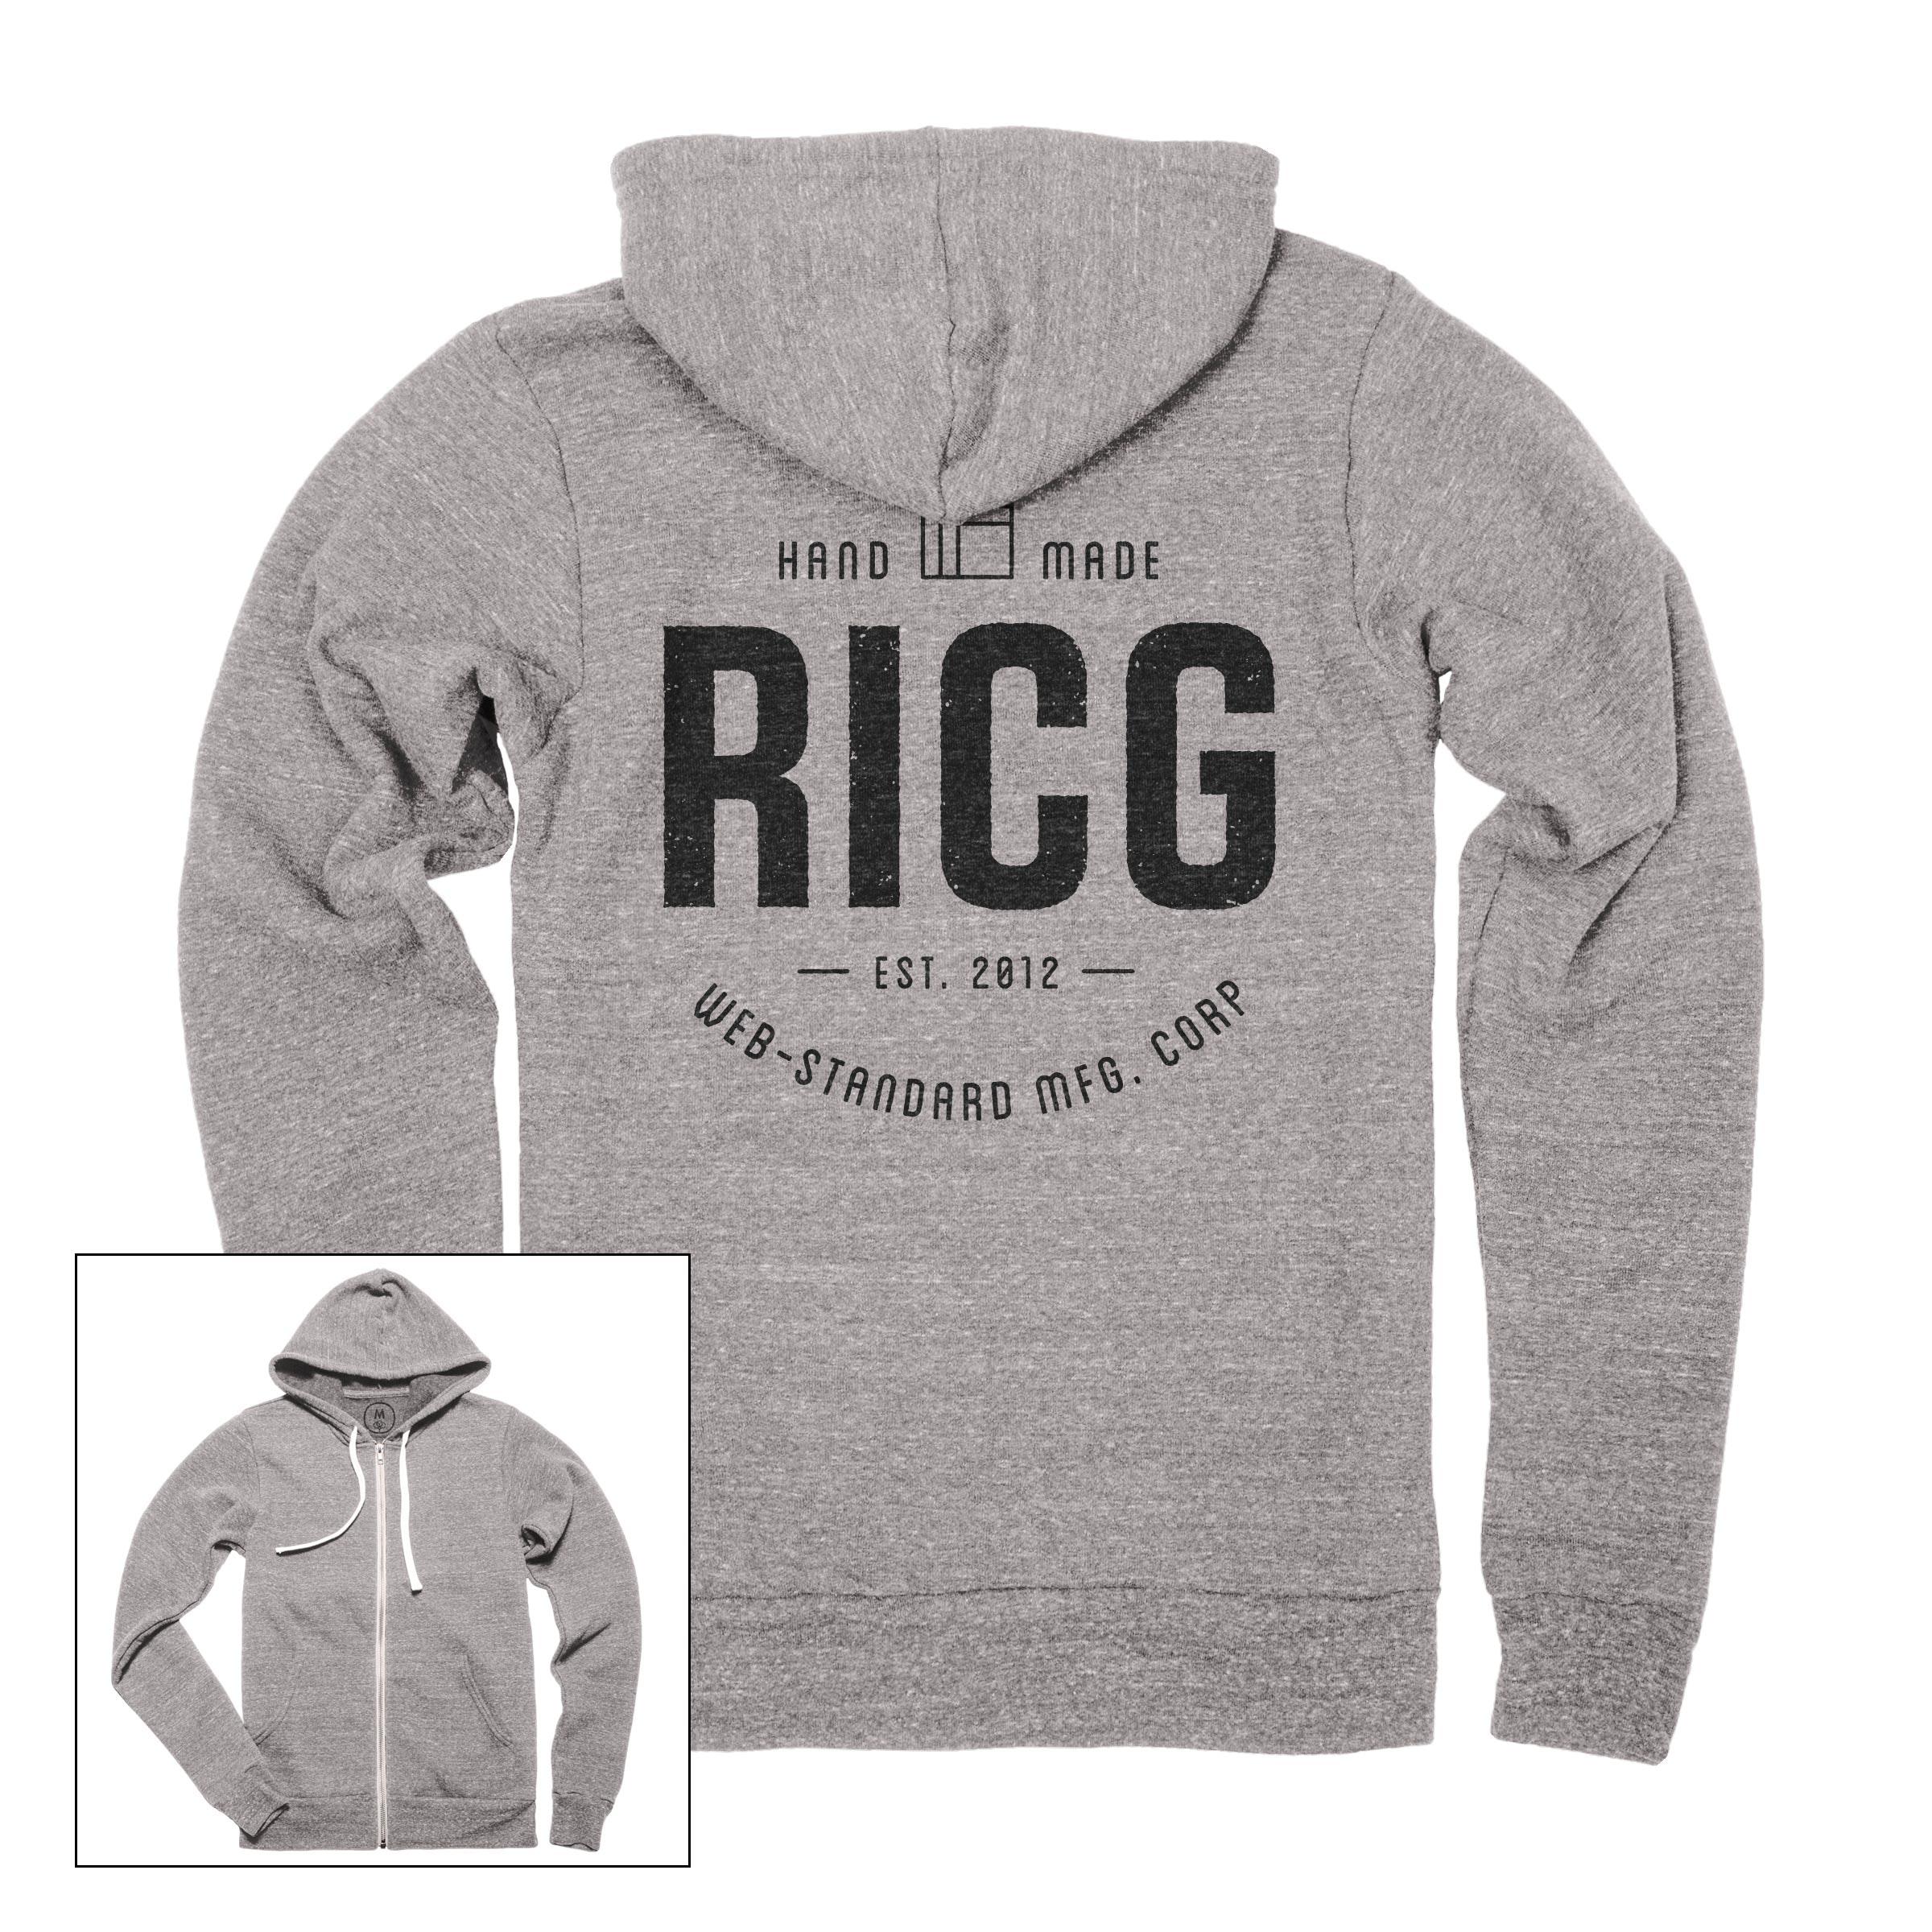 RICG Web-Standard Mfg. Corp Zip Hoodie